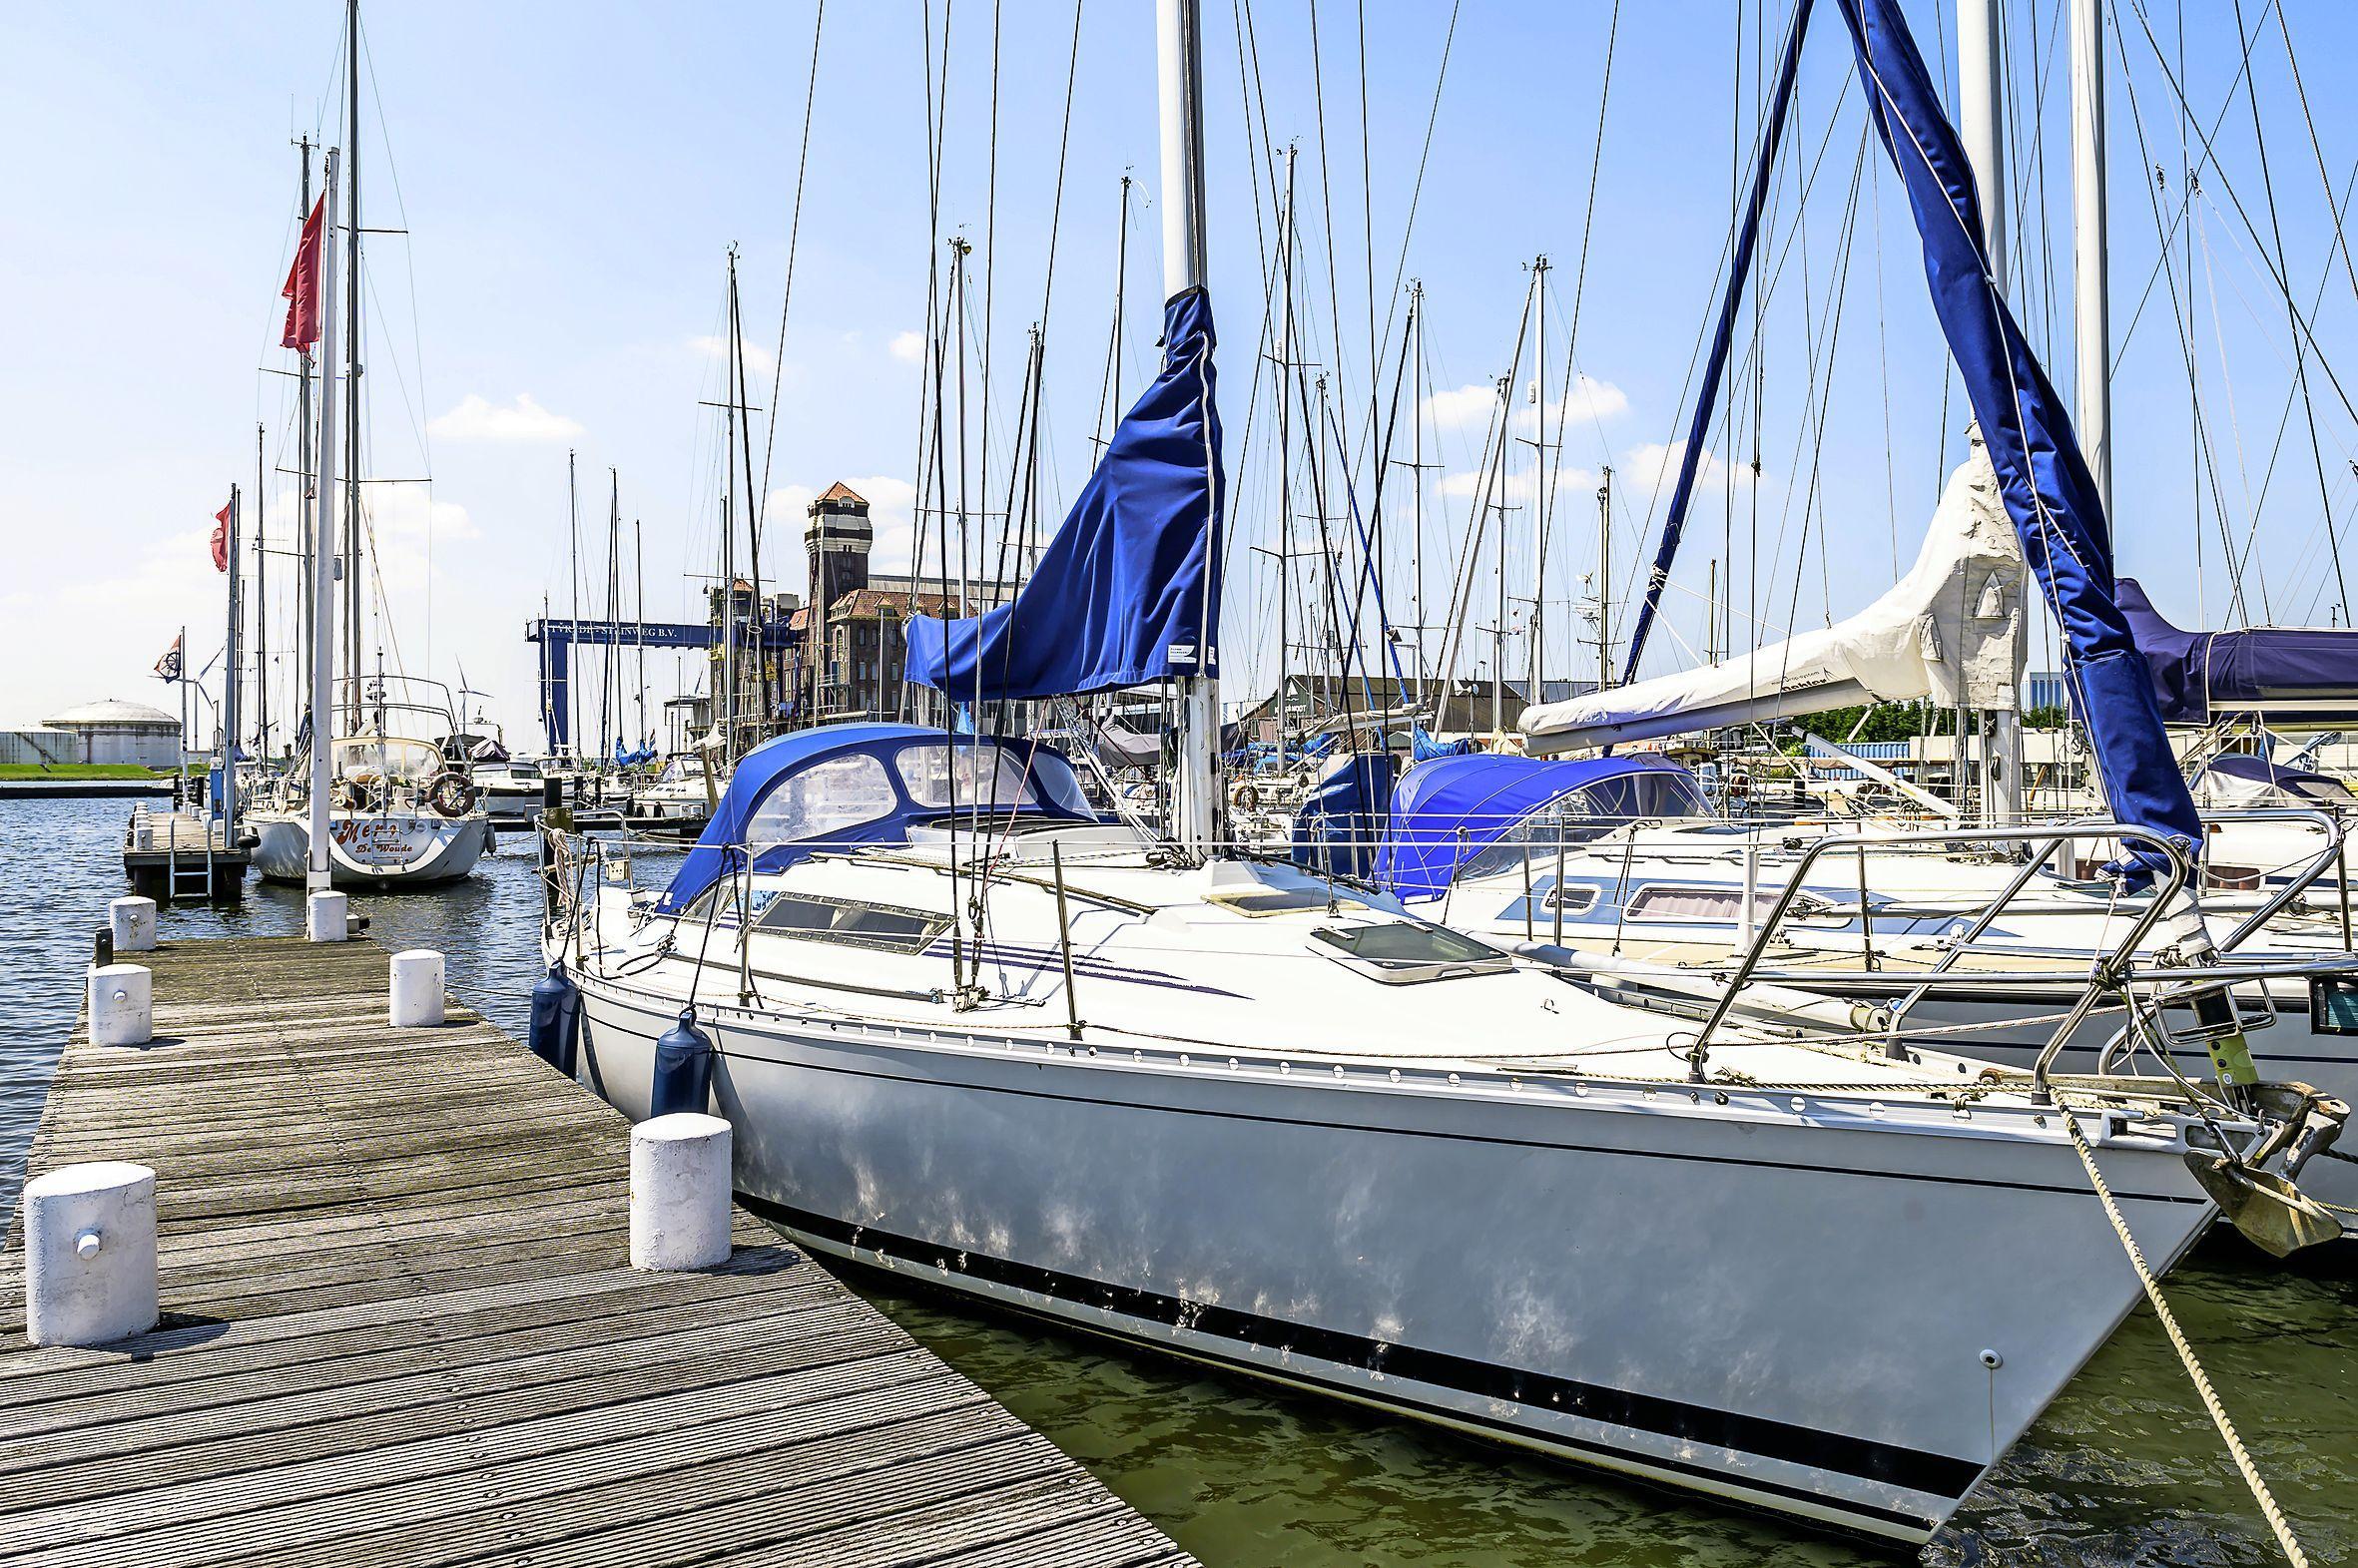 Watersportvereniging Bruynzeel in Zaandam raakt ligplaatsen kwijt; voortbestaan in gevaar